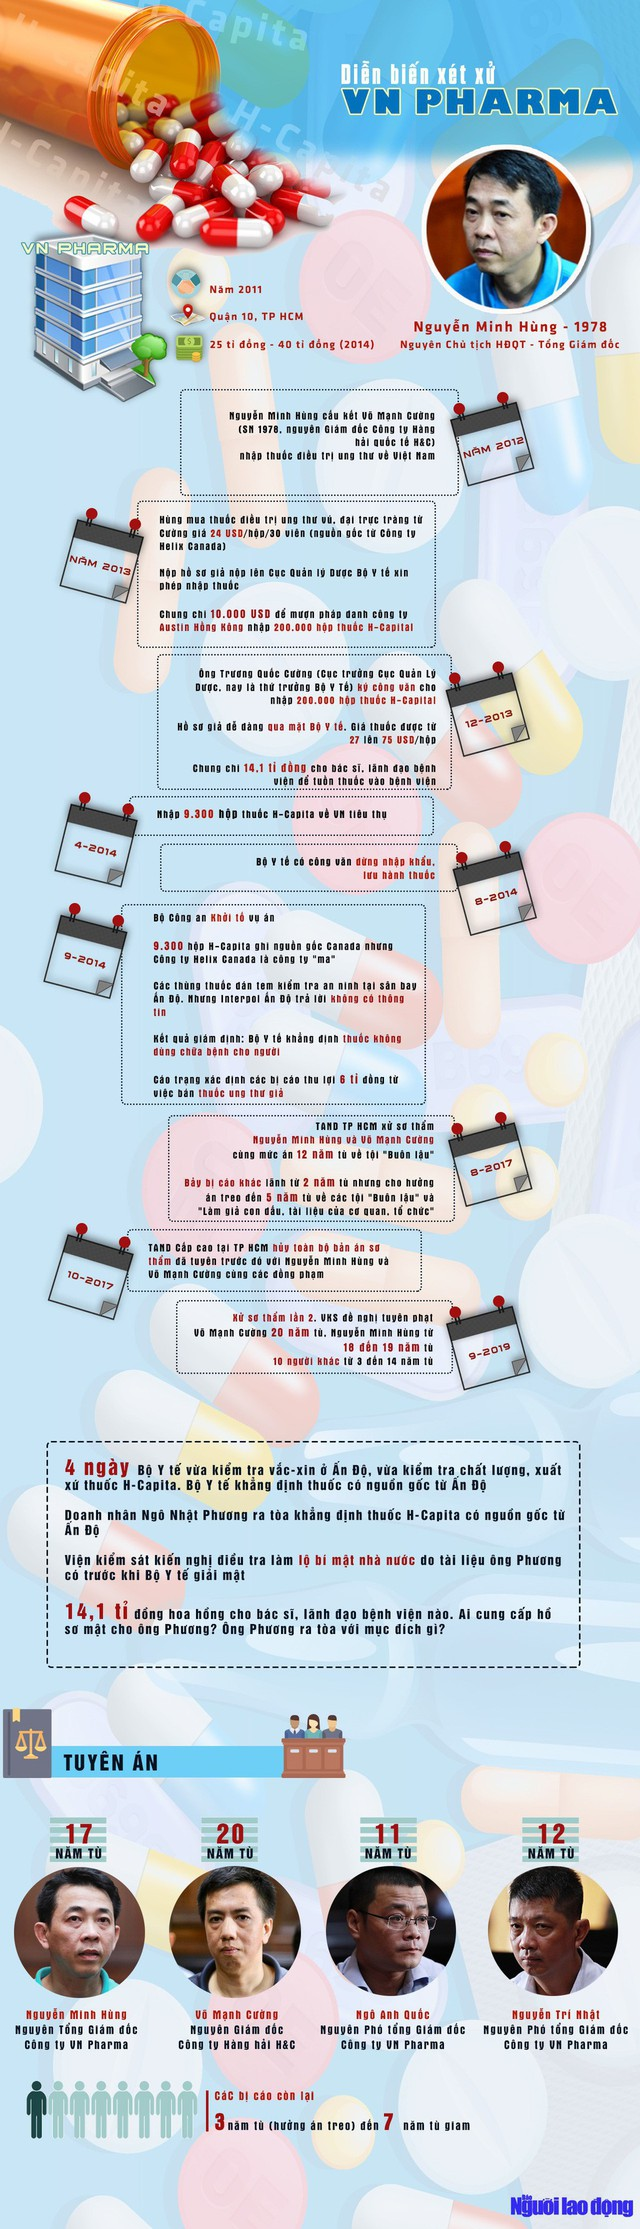 [Infographic] Buôn thuốc giả, cựu Tổng giám đốc VN Pharma lãnh 17 năm tù  - Ảnh 1.